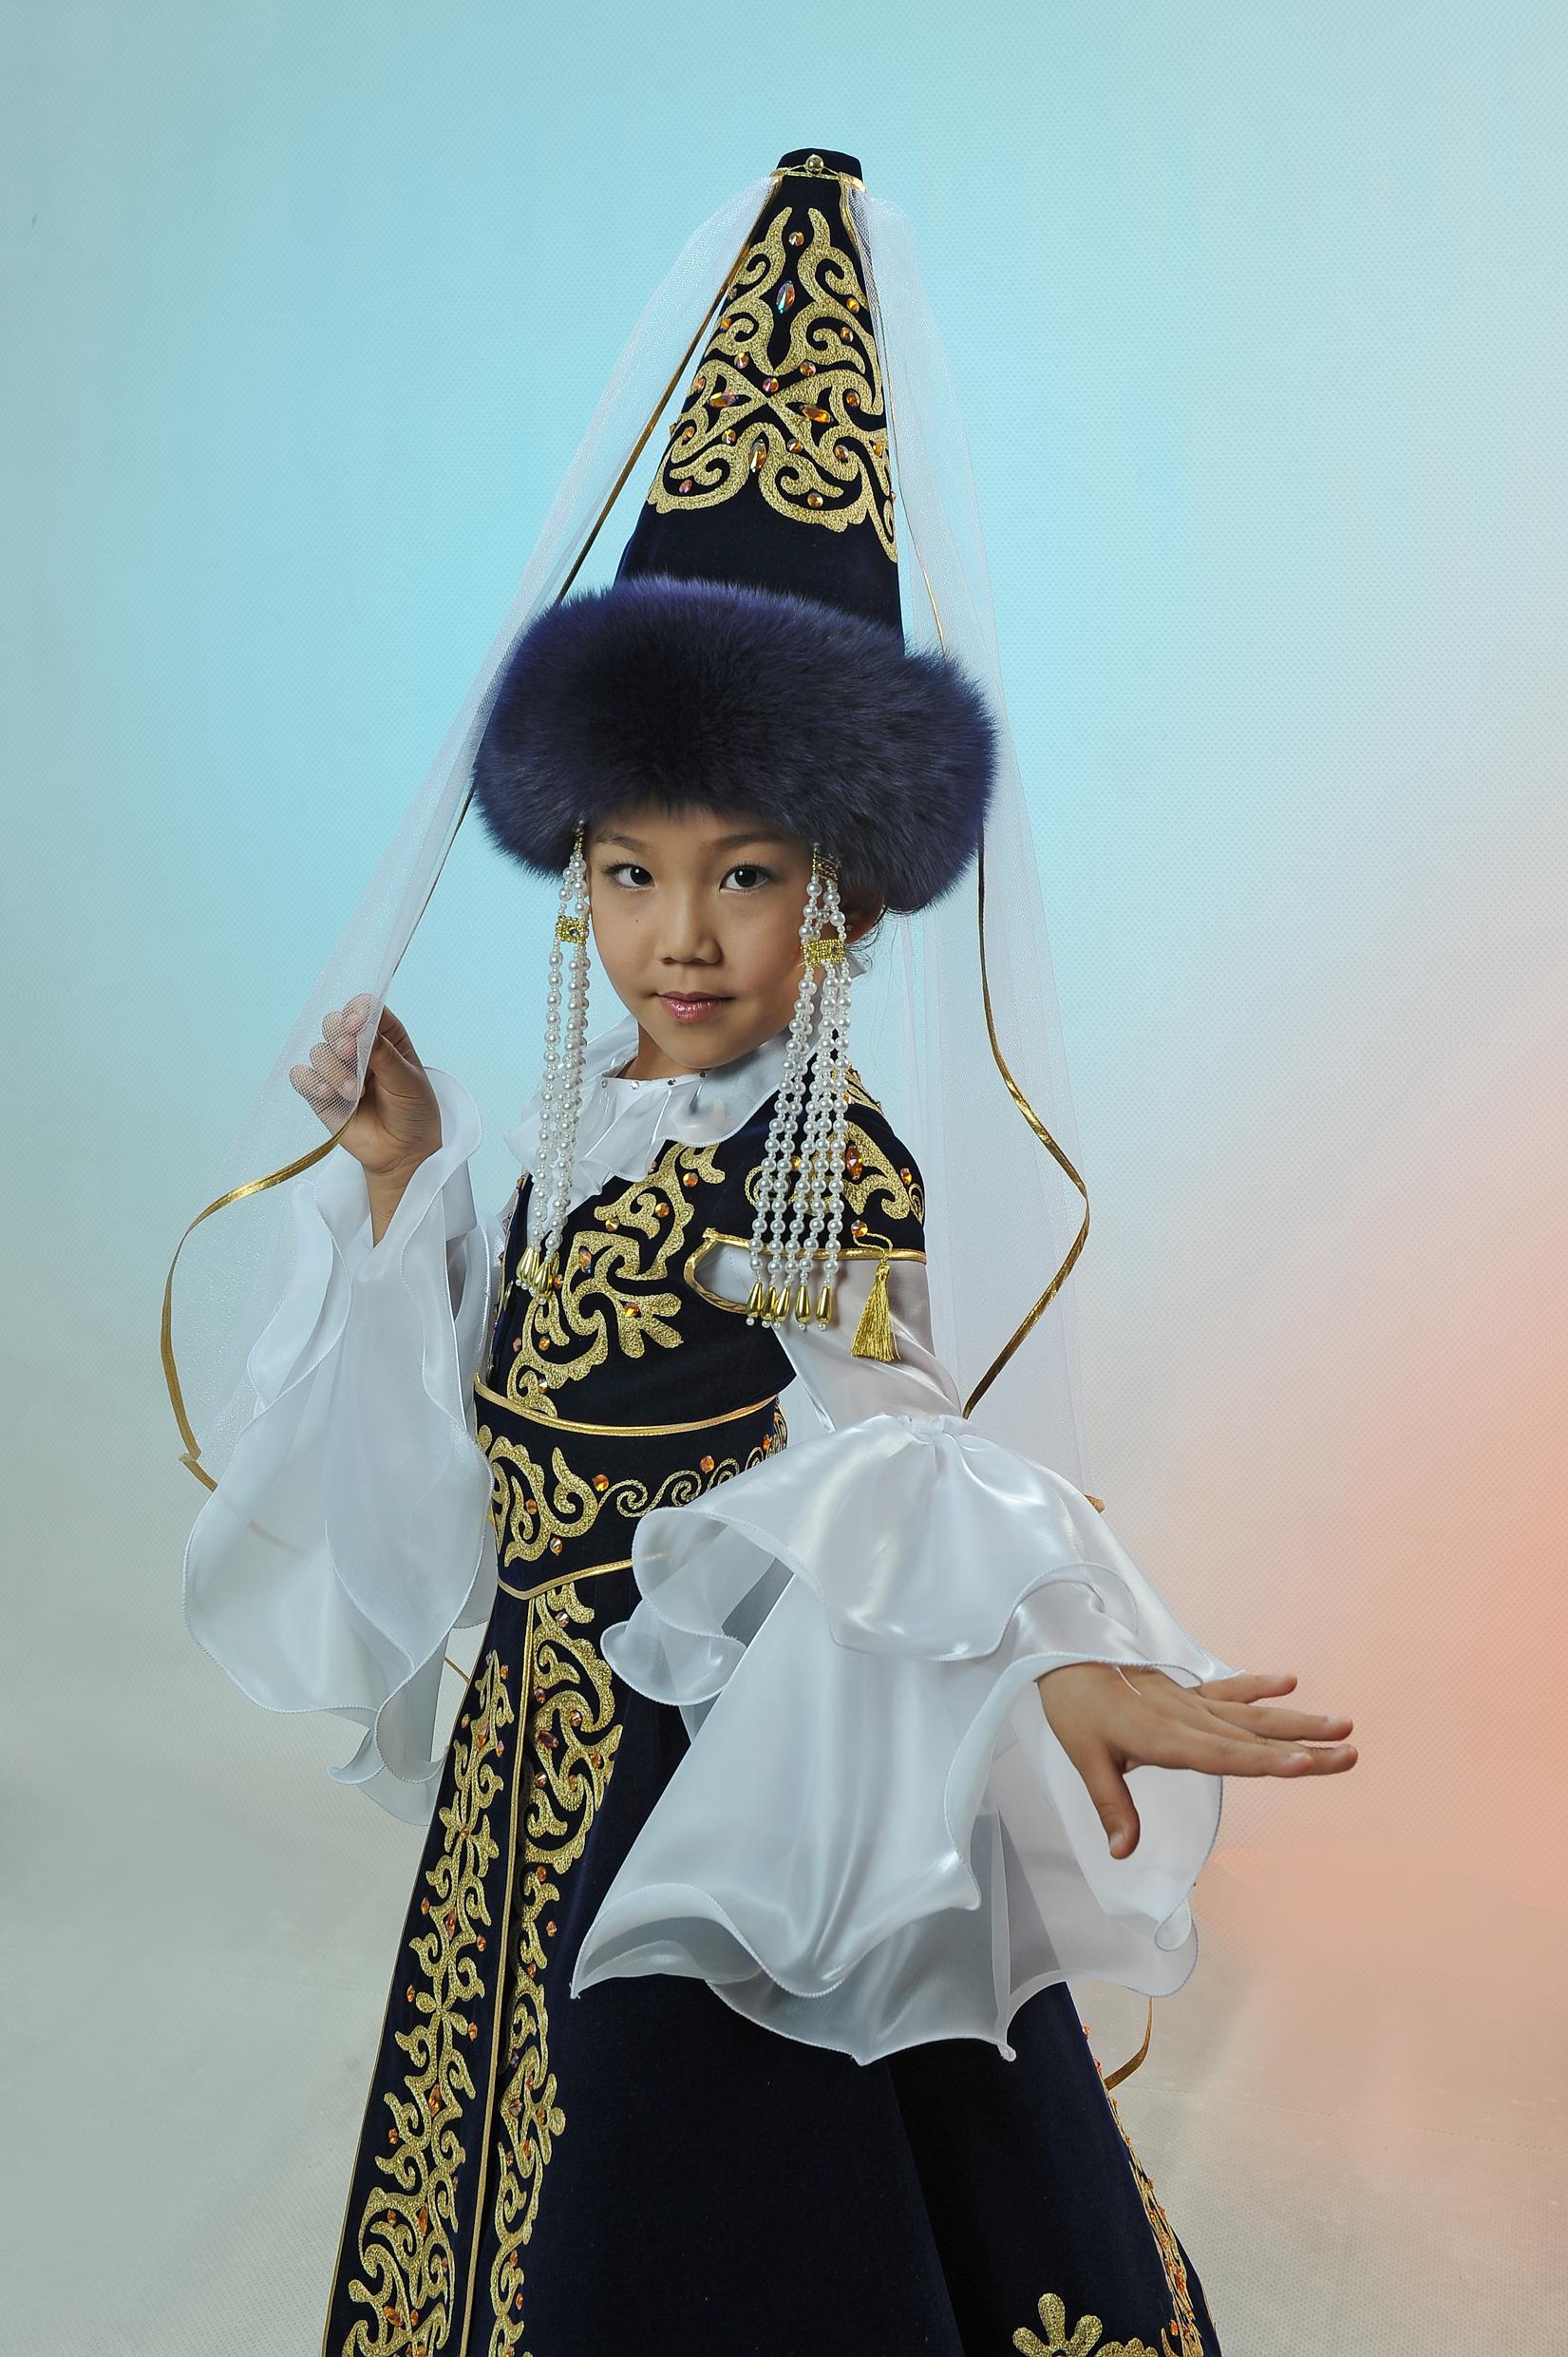 имена девочек казахские: